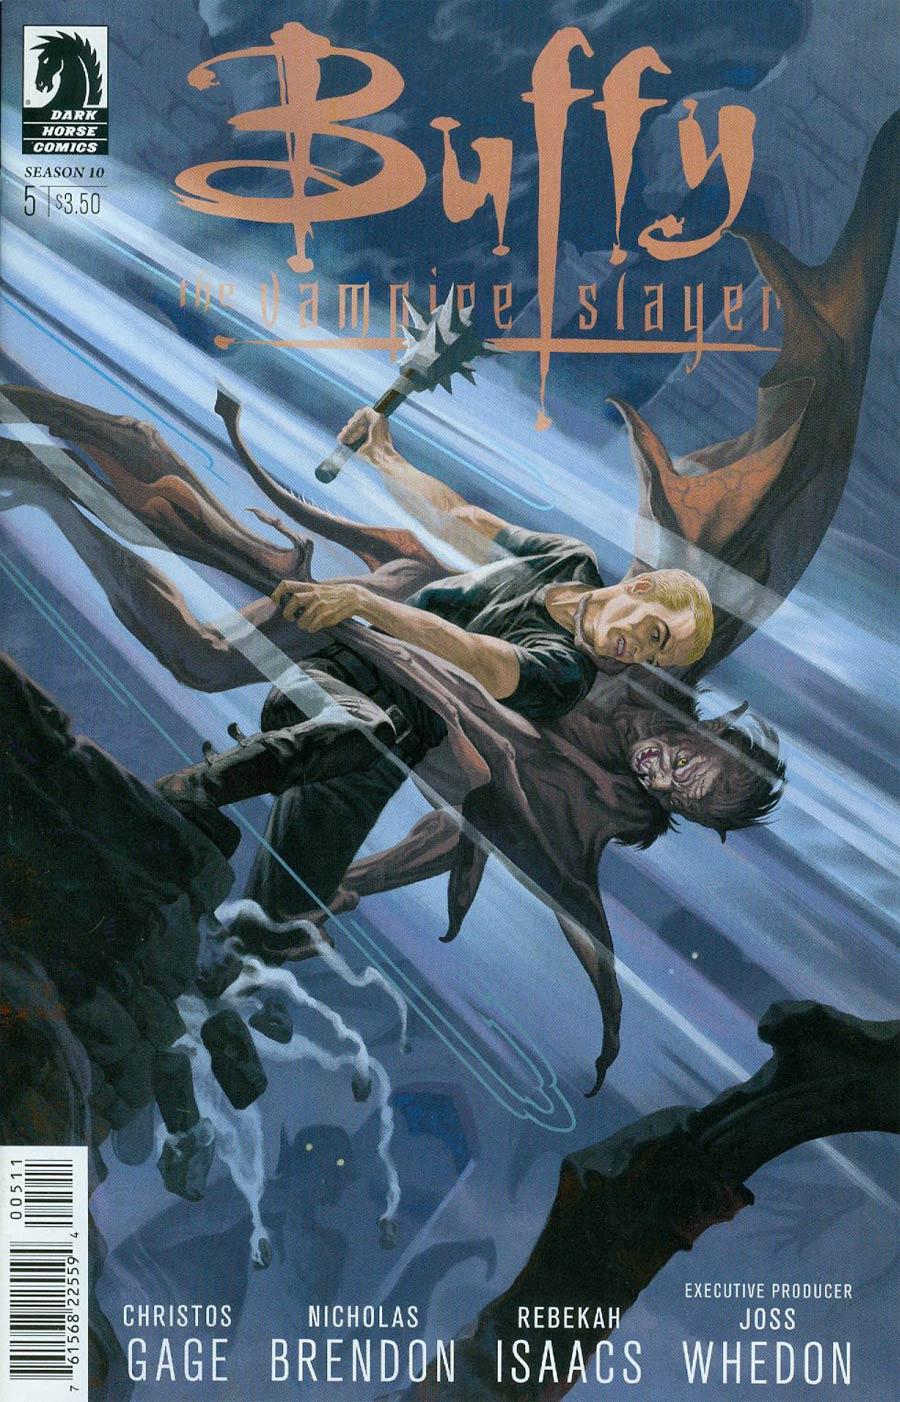 Buffy The Vampire Slayer Season 10 #5 Cover A Regular Steve Morris Cover